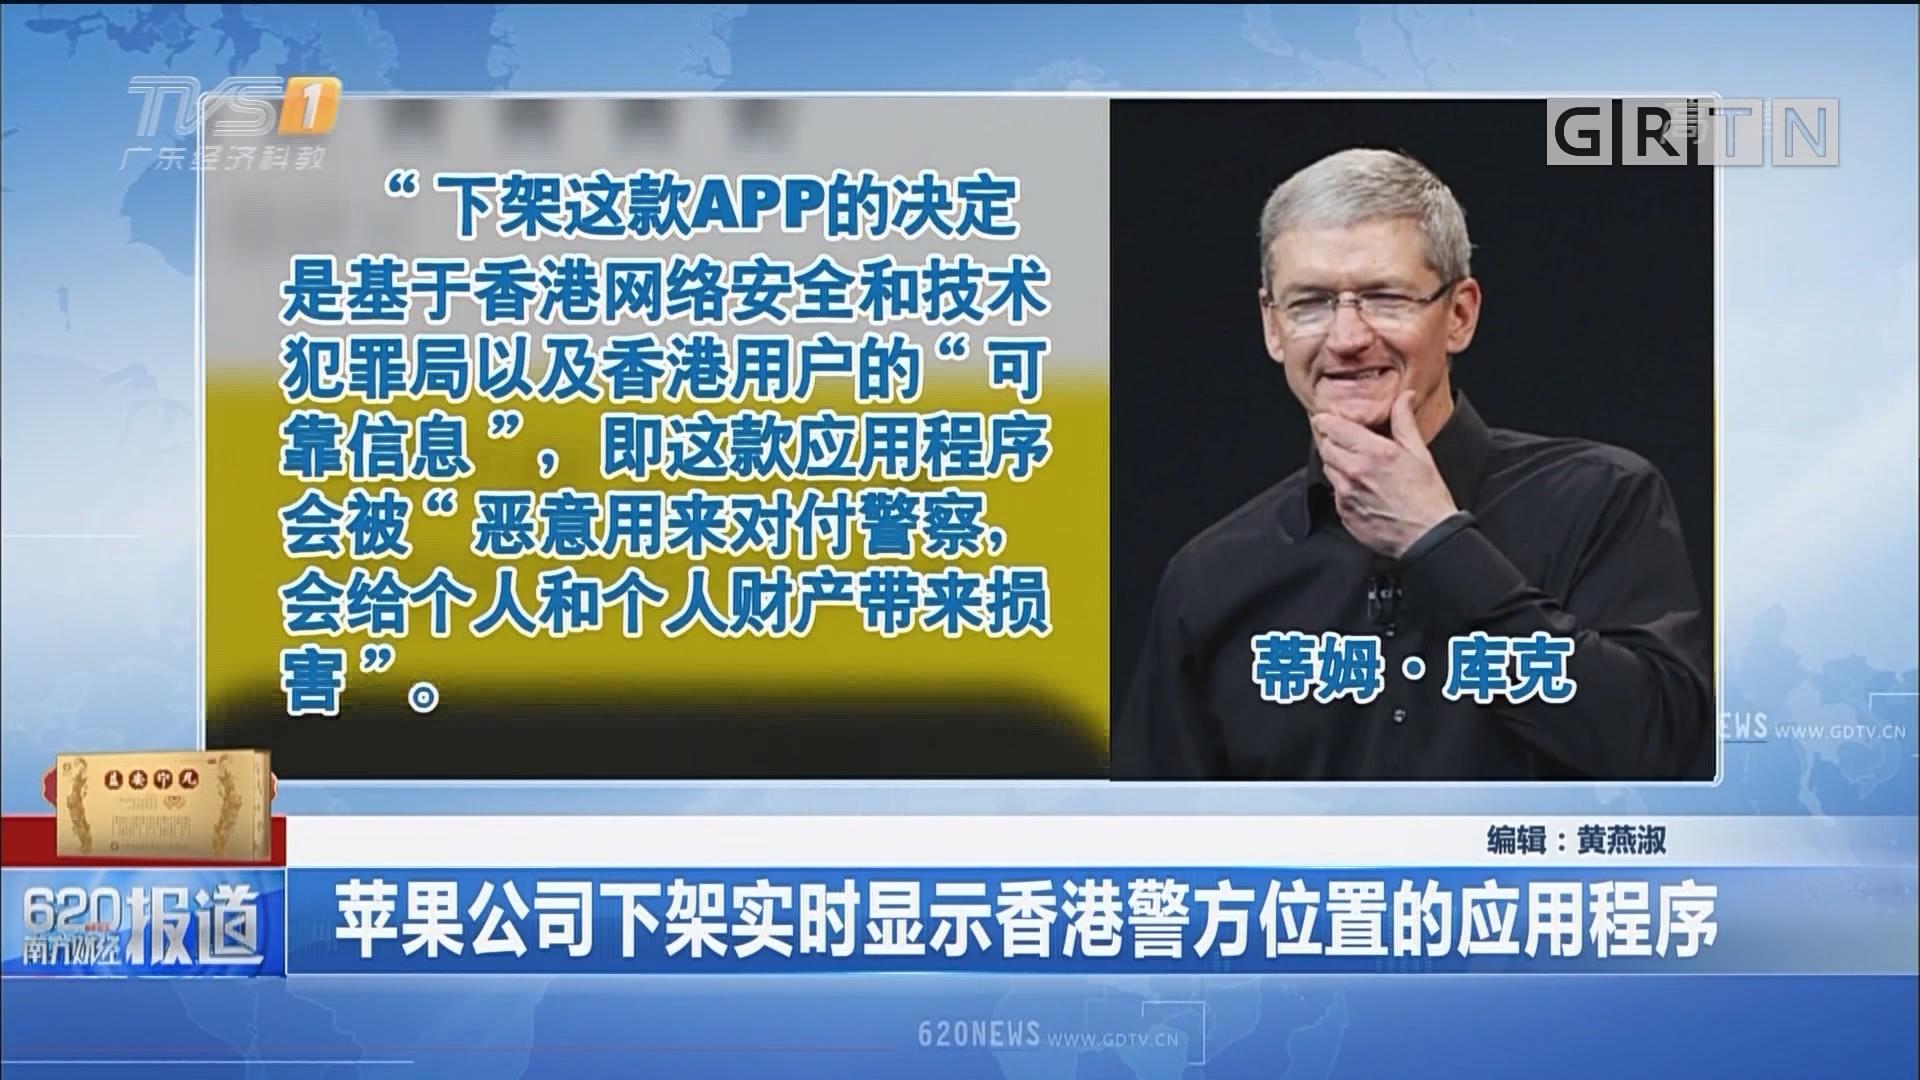 苹果公司下架实时显示香港警方位置的应用程序